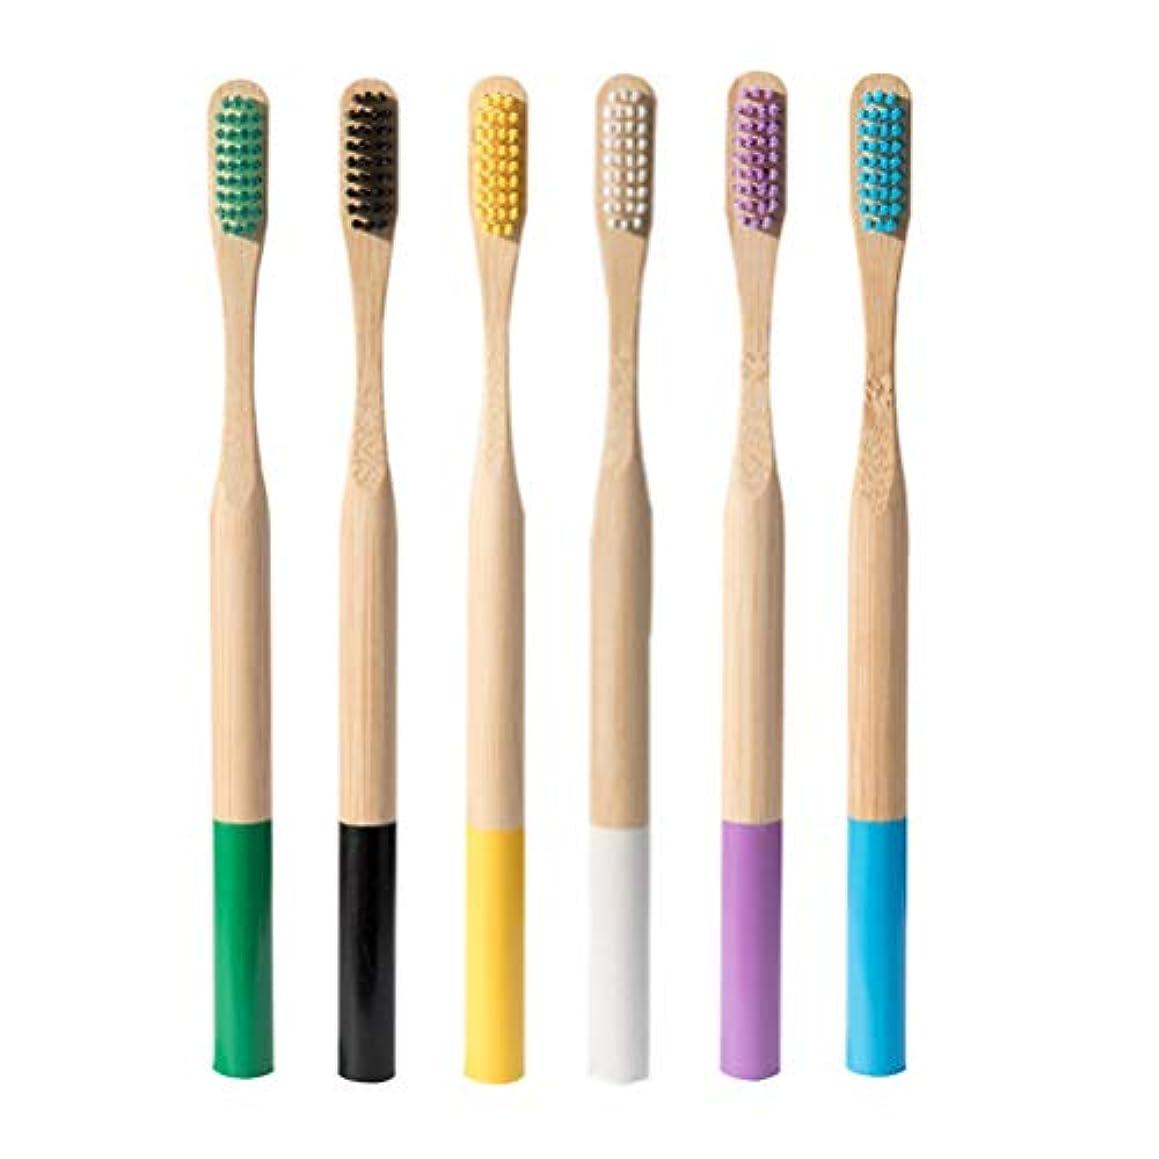 解釈するラケット女性Healifty 6ピース生分解性天然炭竹歯ブラシ細かい毛歯ブラシ旅行屋外キャンプ用